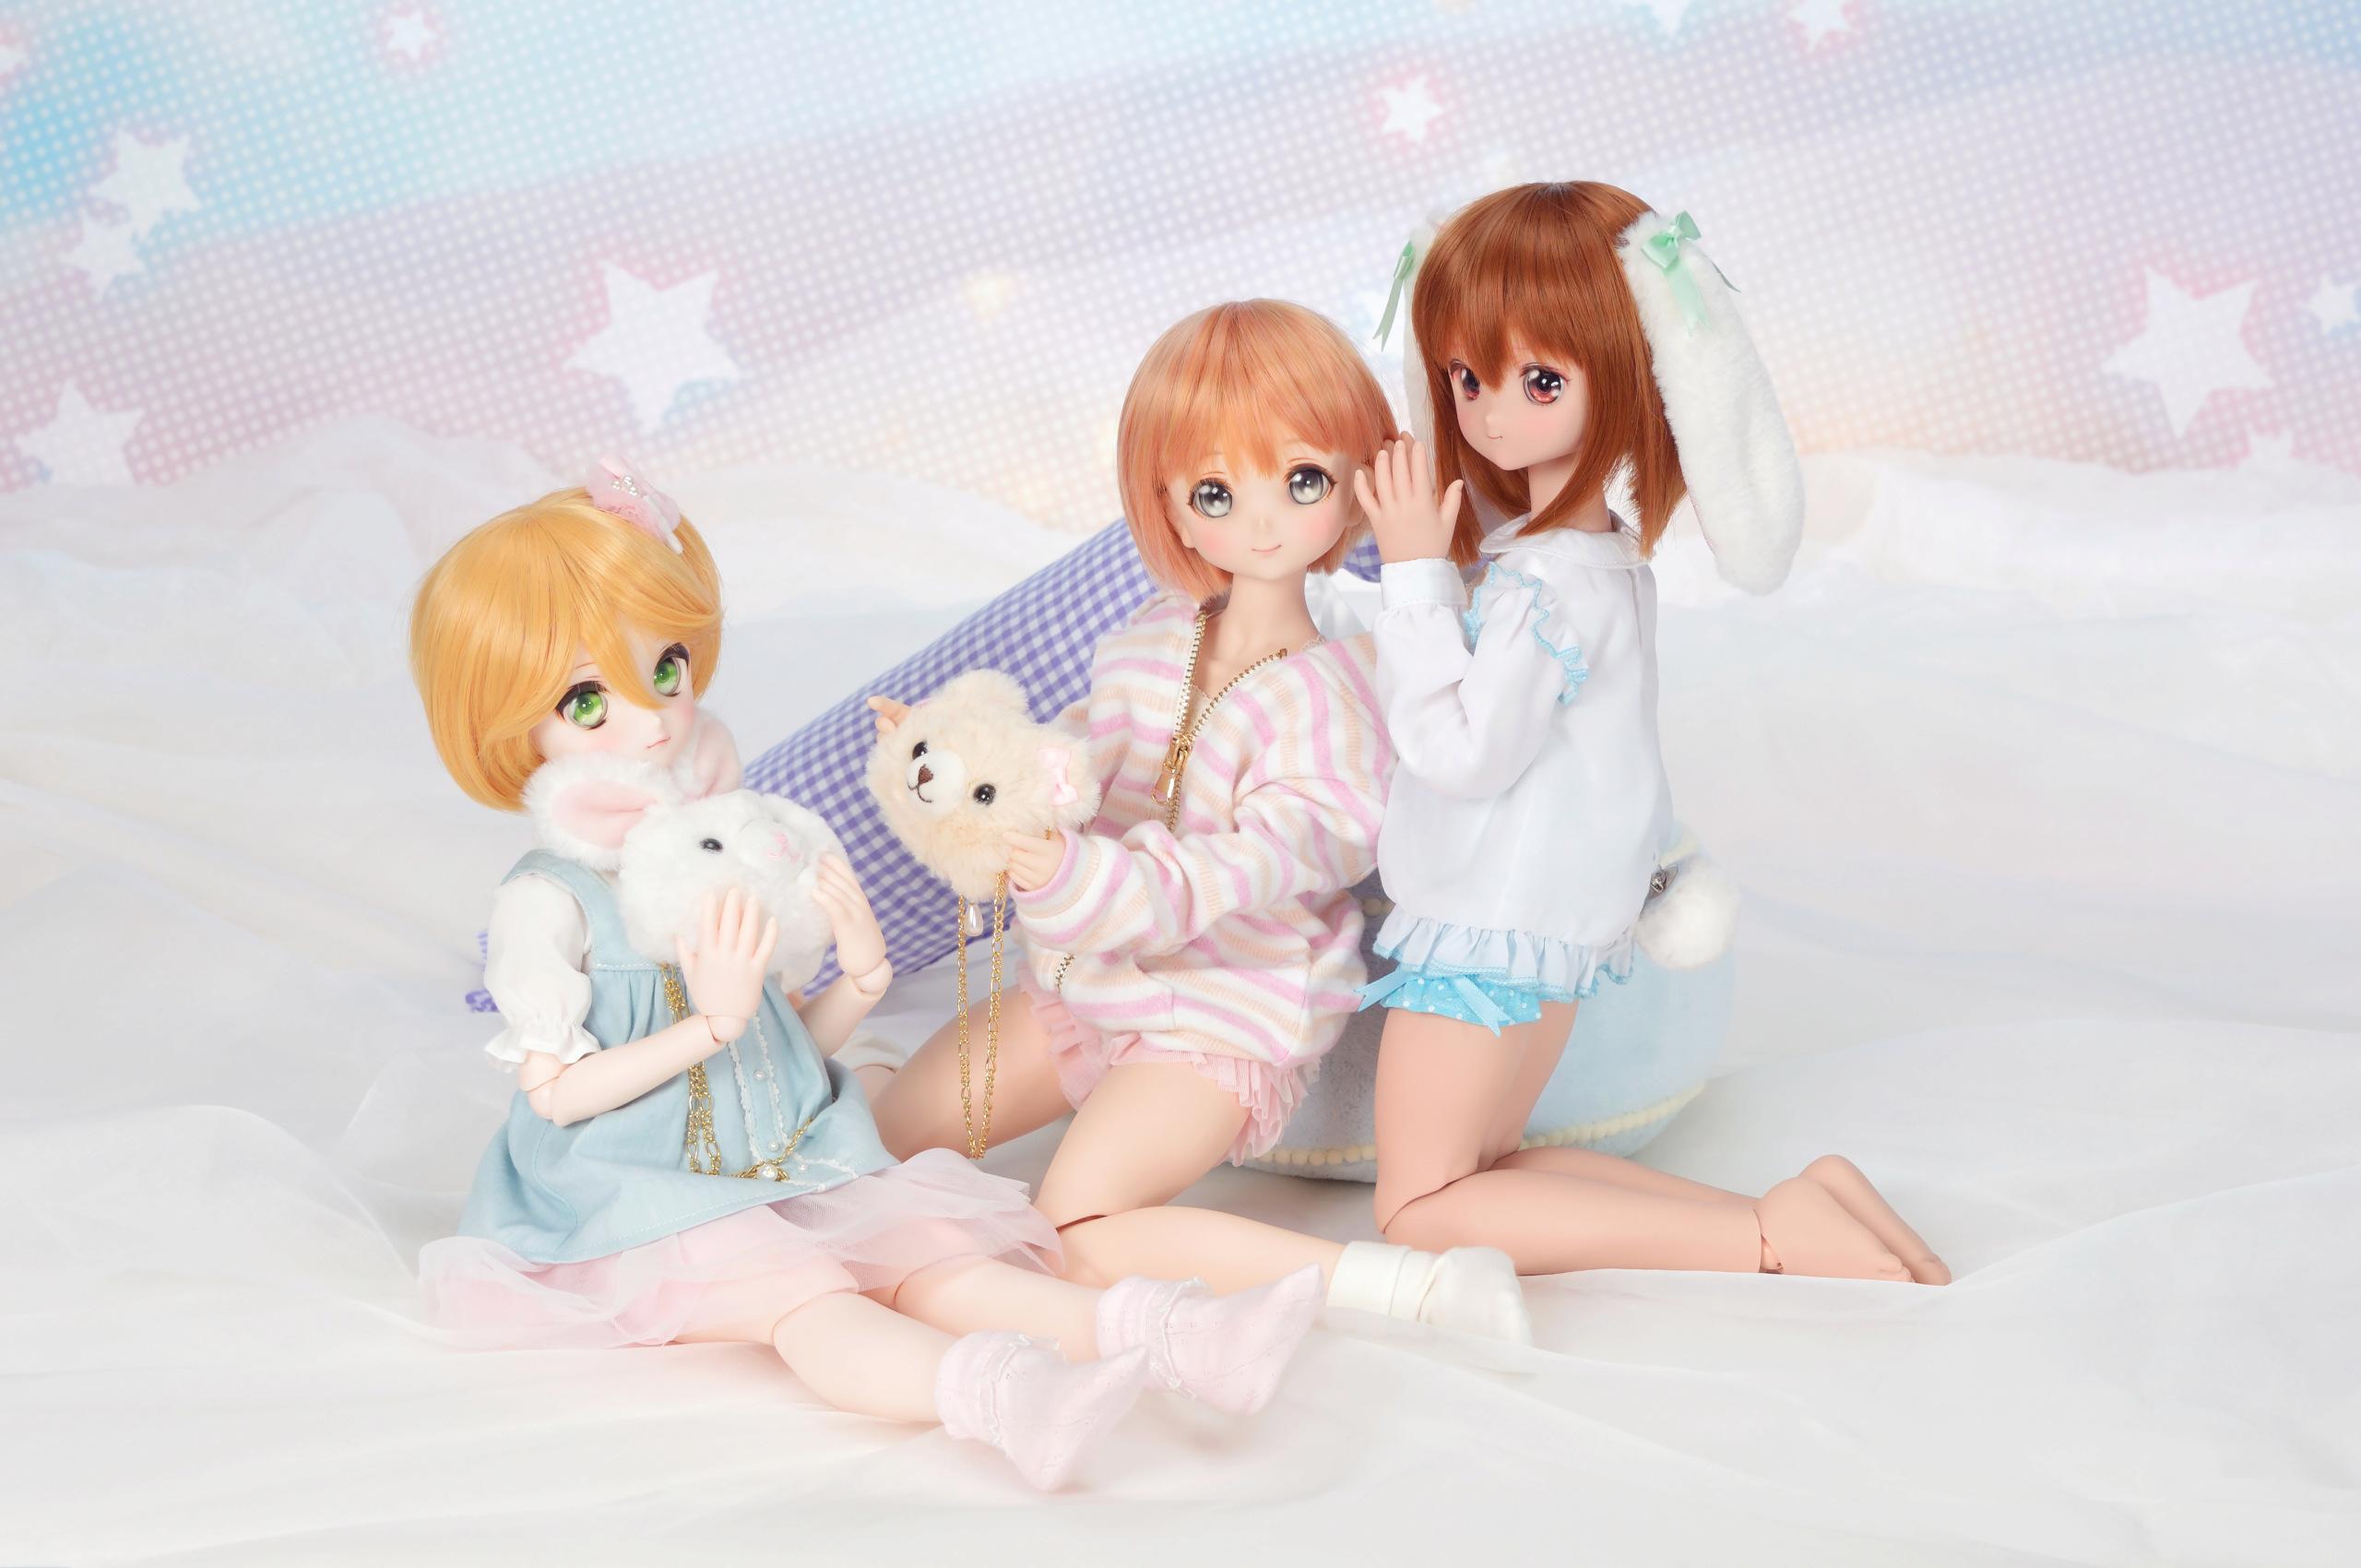 [Dollfie Dream] Corps MDD Mochi-Ashi - DCH-19 - DCH-21 Nis_0611